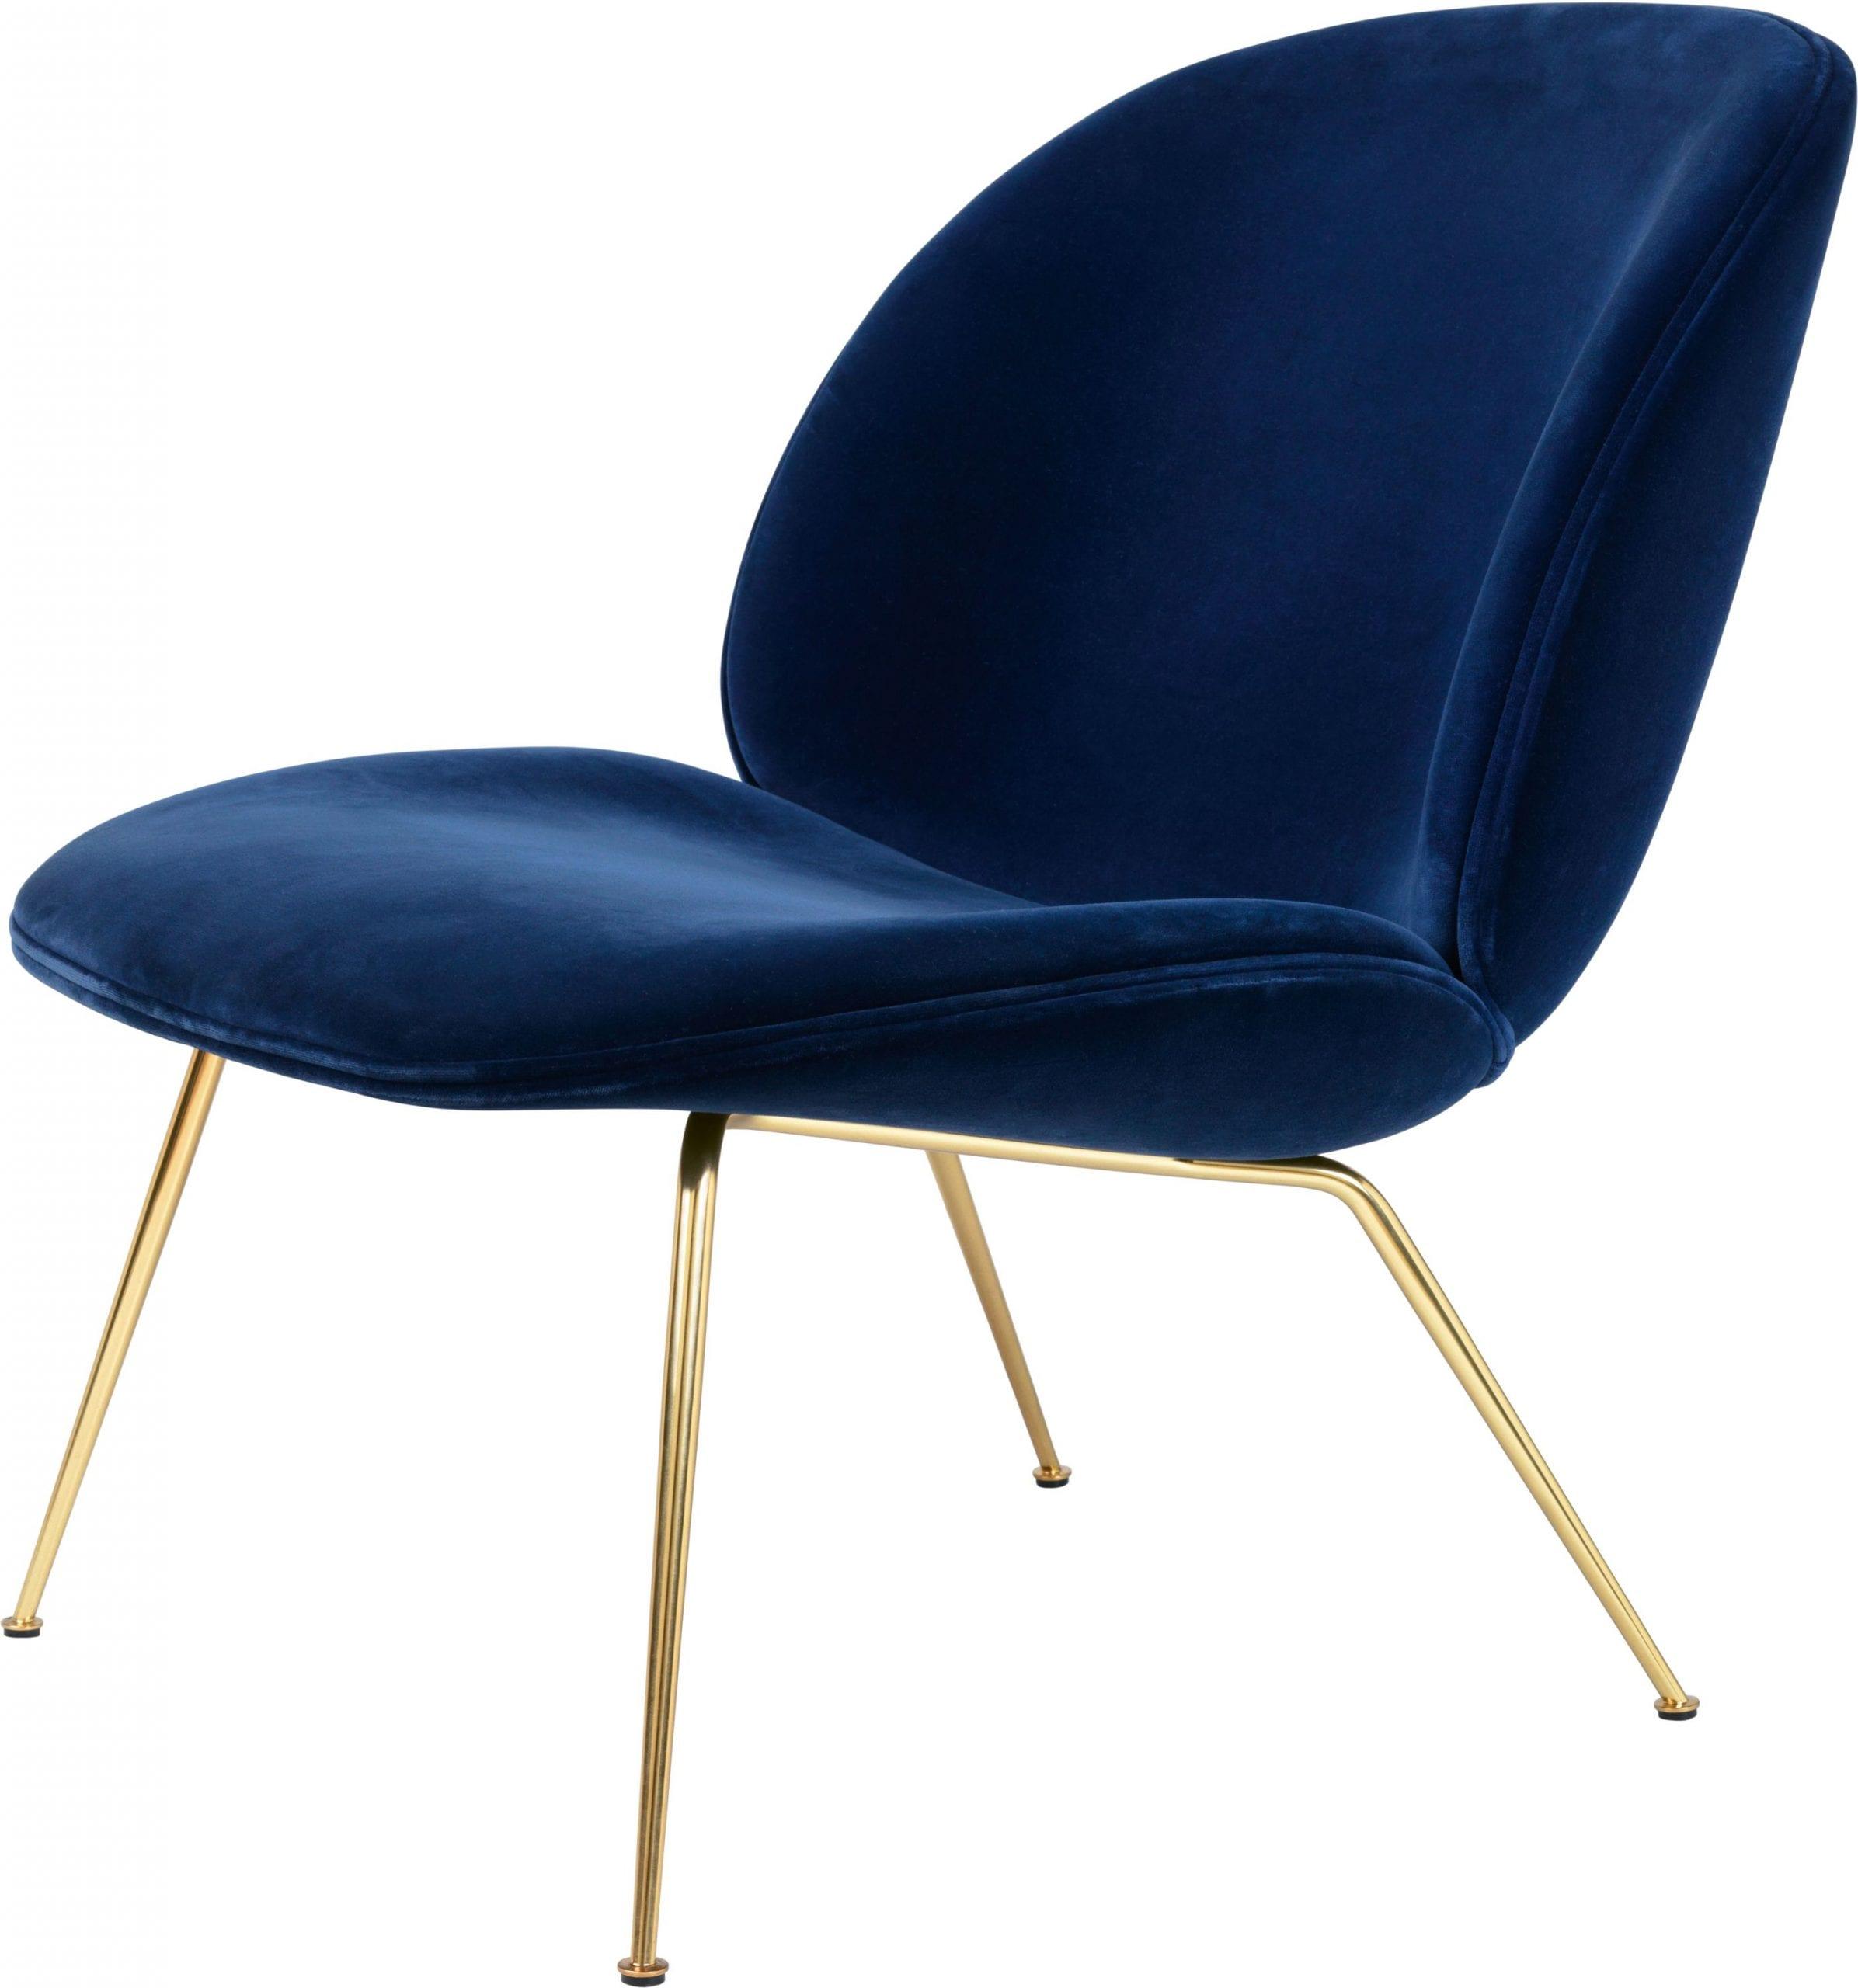 כסאות לפינת אוכל מעוצבים מבית GUBI